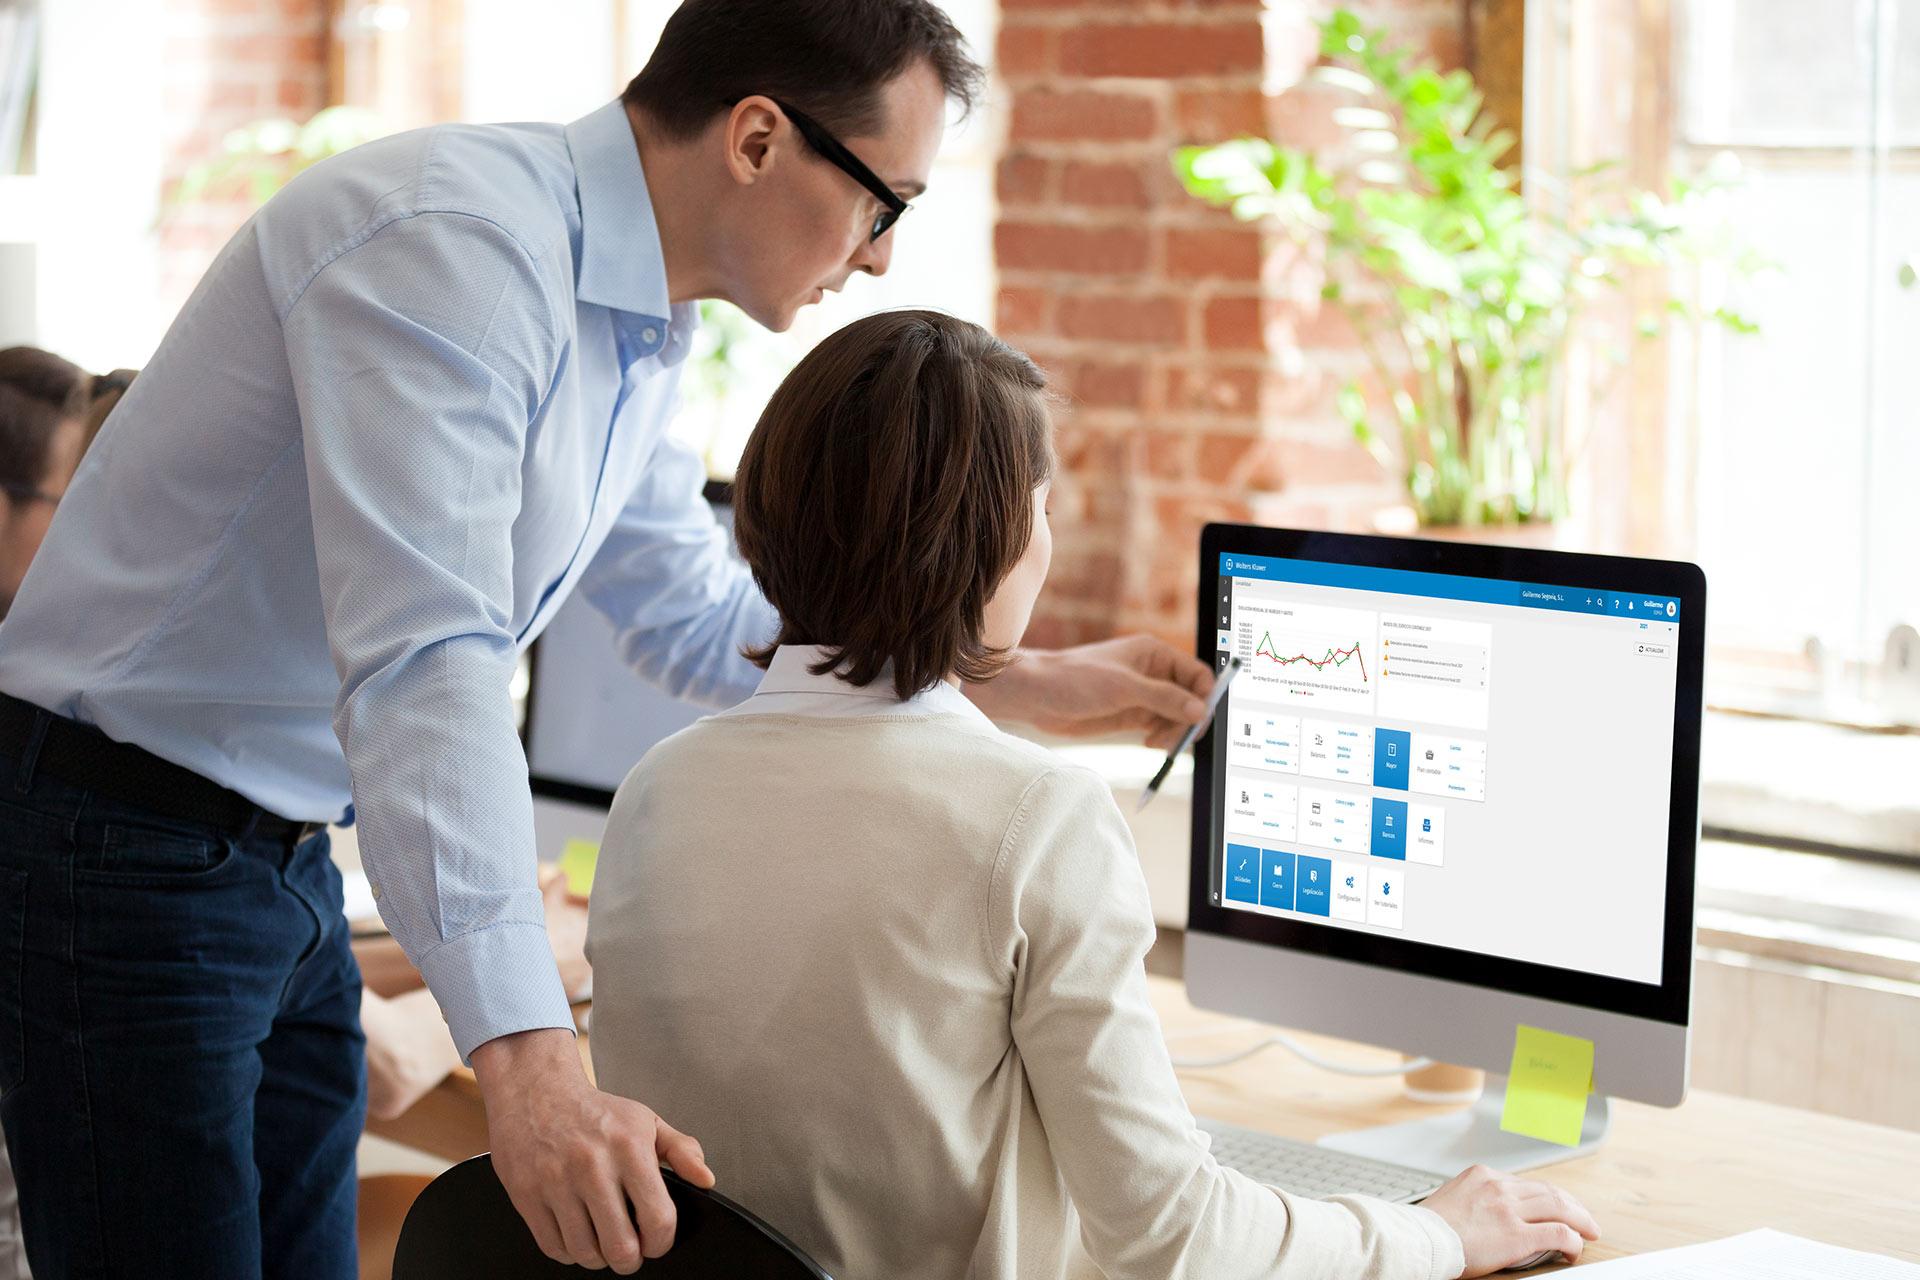 Programas de nóminas para una gestión laboral eficiente y segura